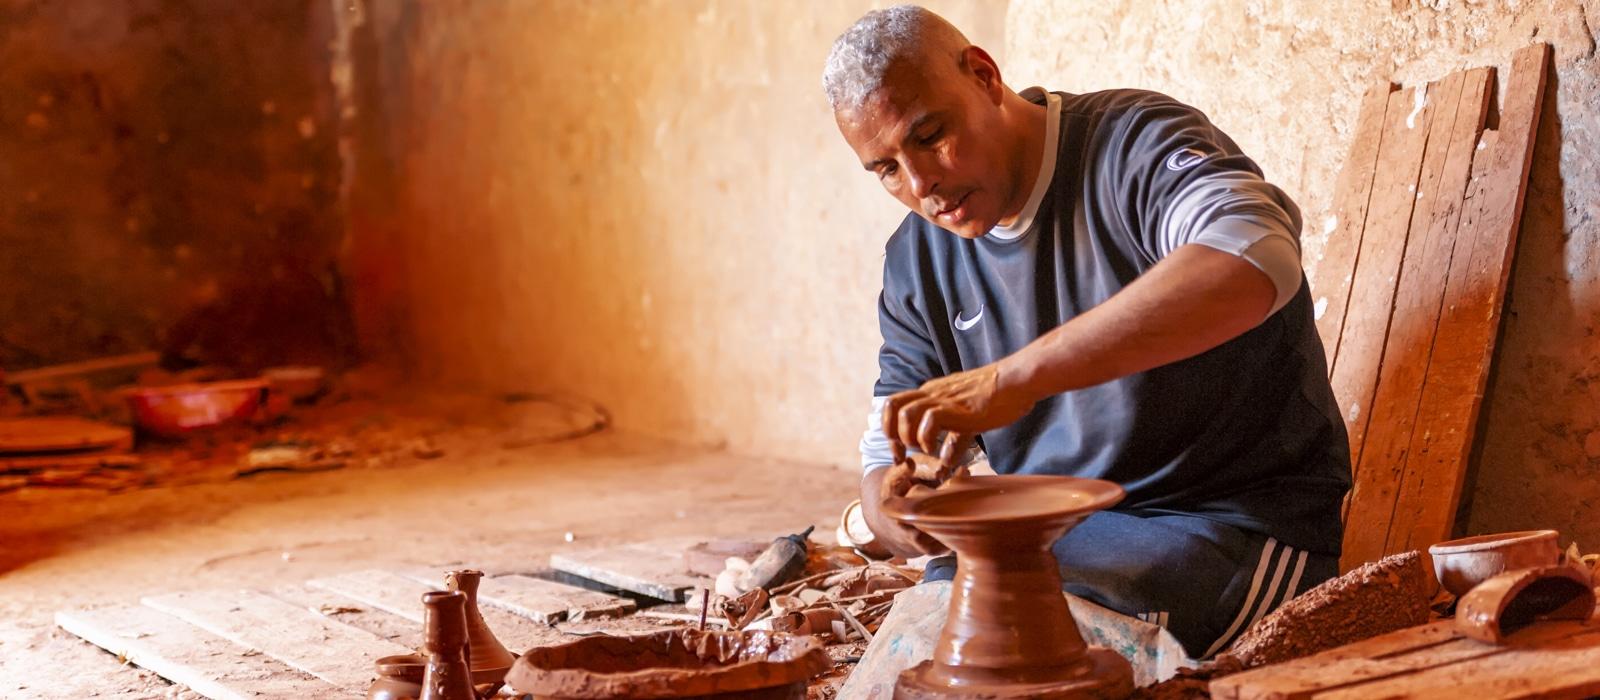 Un potier à l'oeuvre à Safi au Maroc - Les Routes du Monde